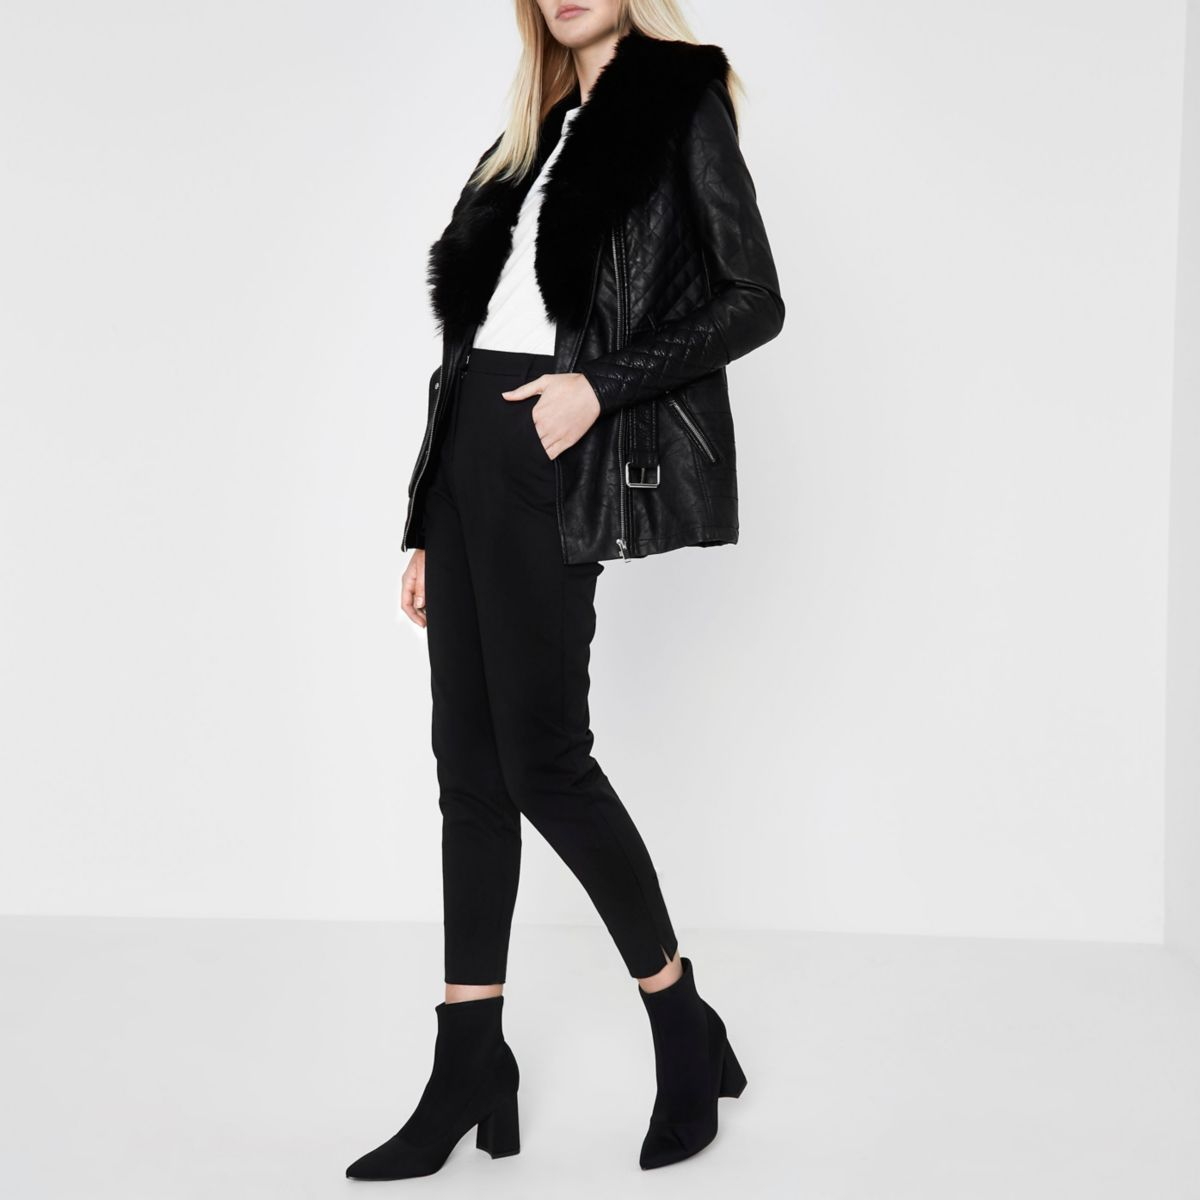 Schwarze Jacke mit Gürtel und Kunstfellkragen